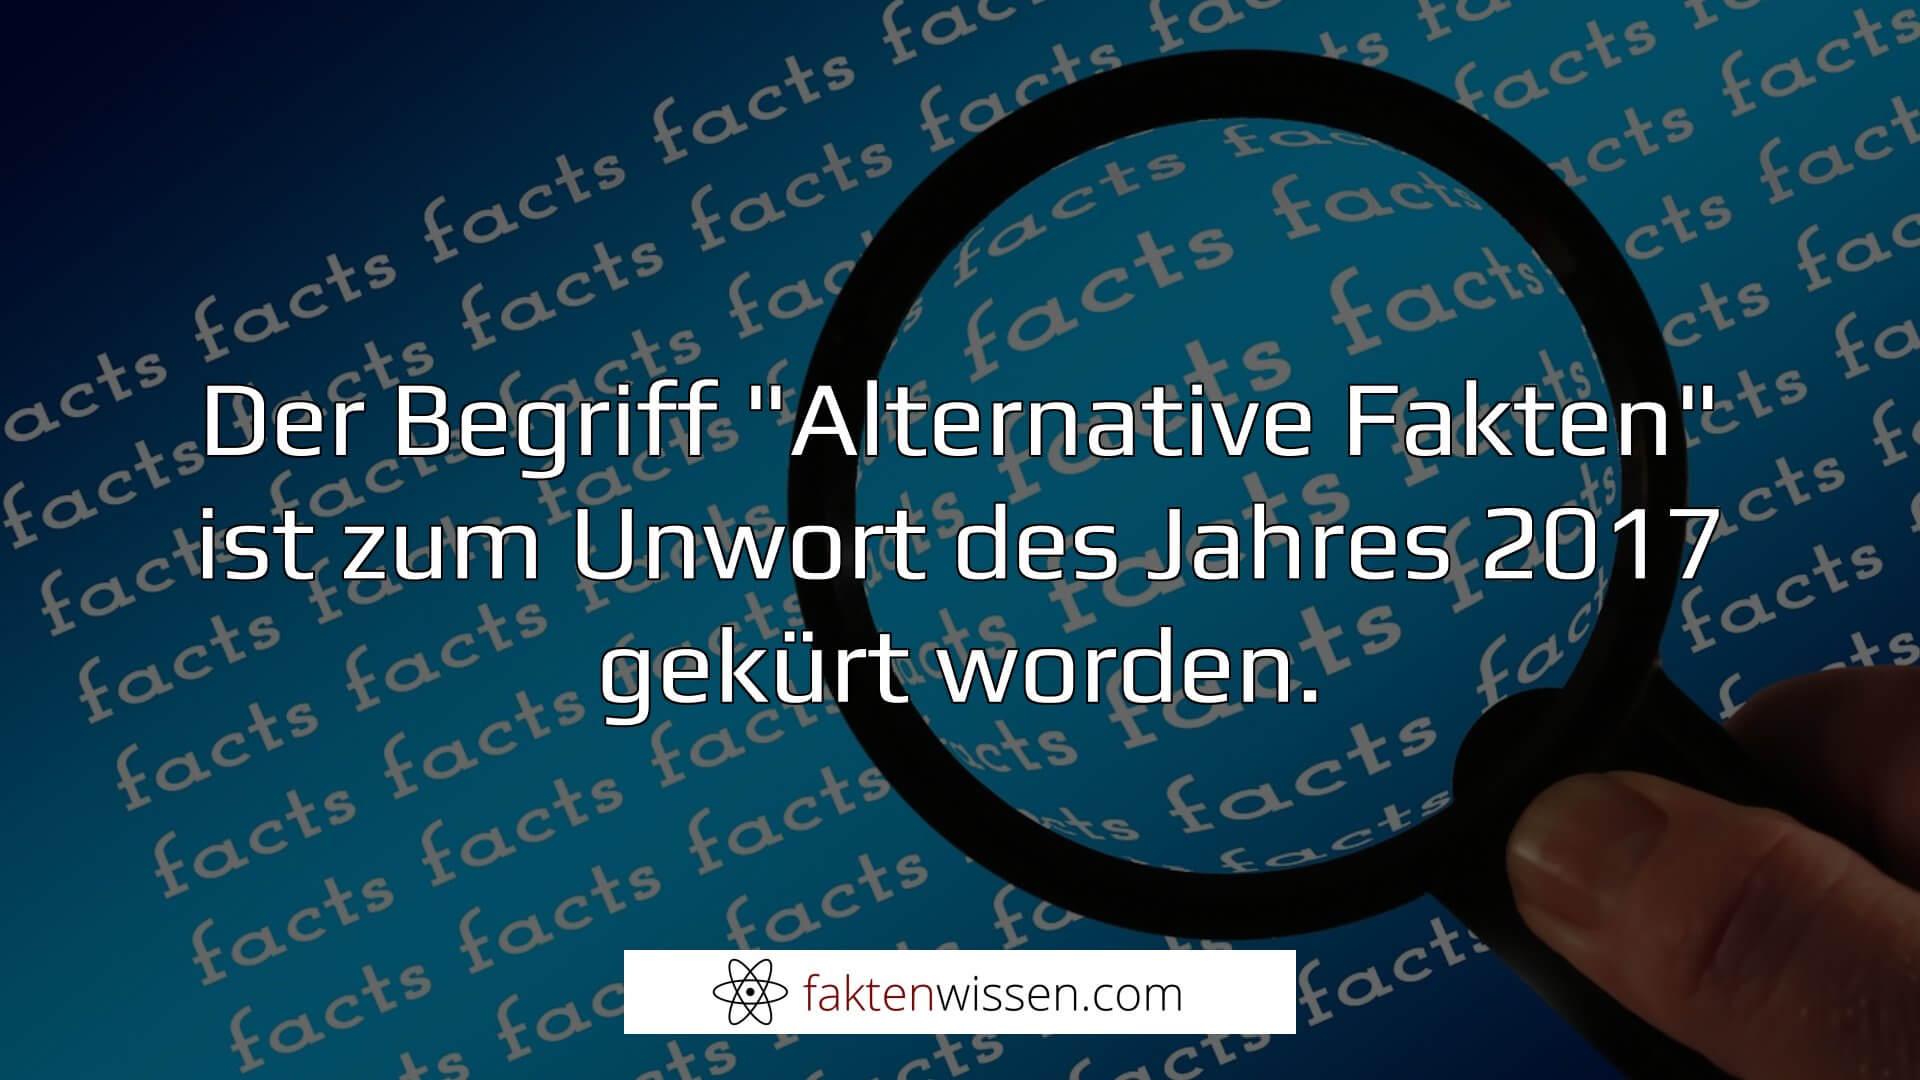 Faktenwissen